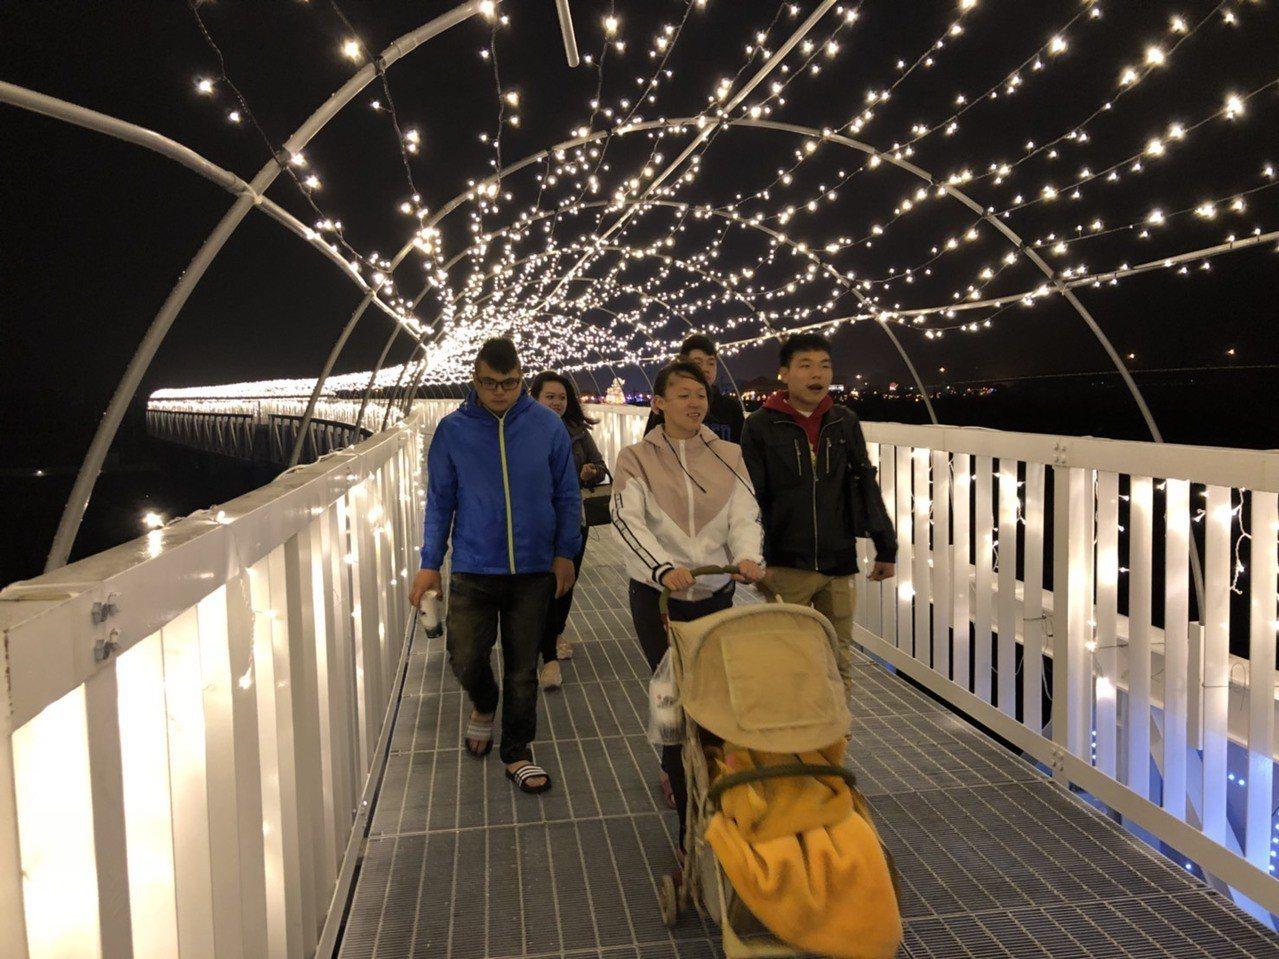 貓羅溪人行橋因為S型設計,夜間開燈化身為白色光橋,吸引民眾感受浪漫氣氛。記者江良...